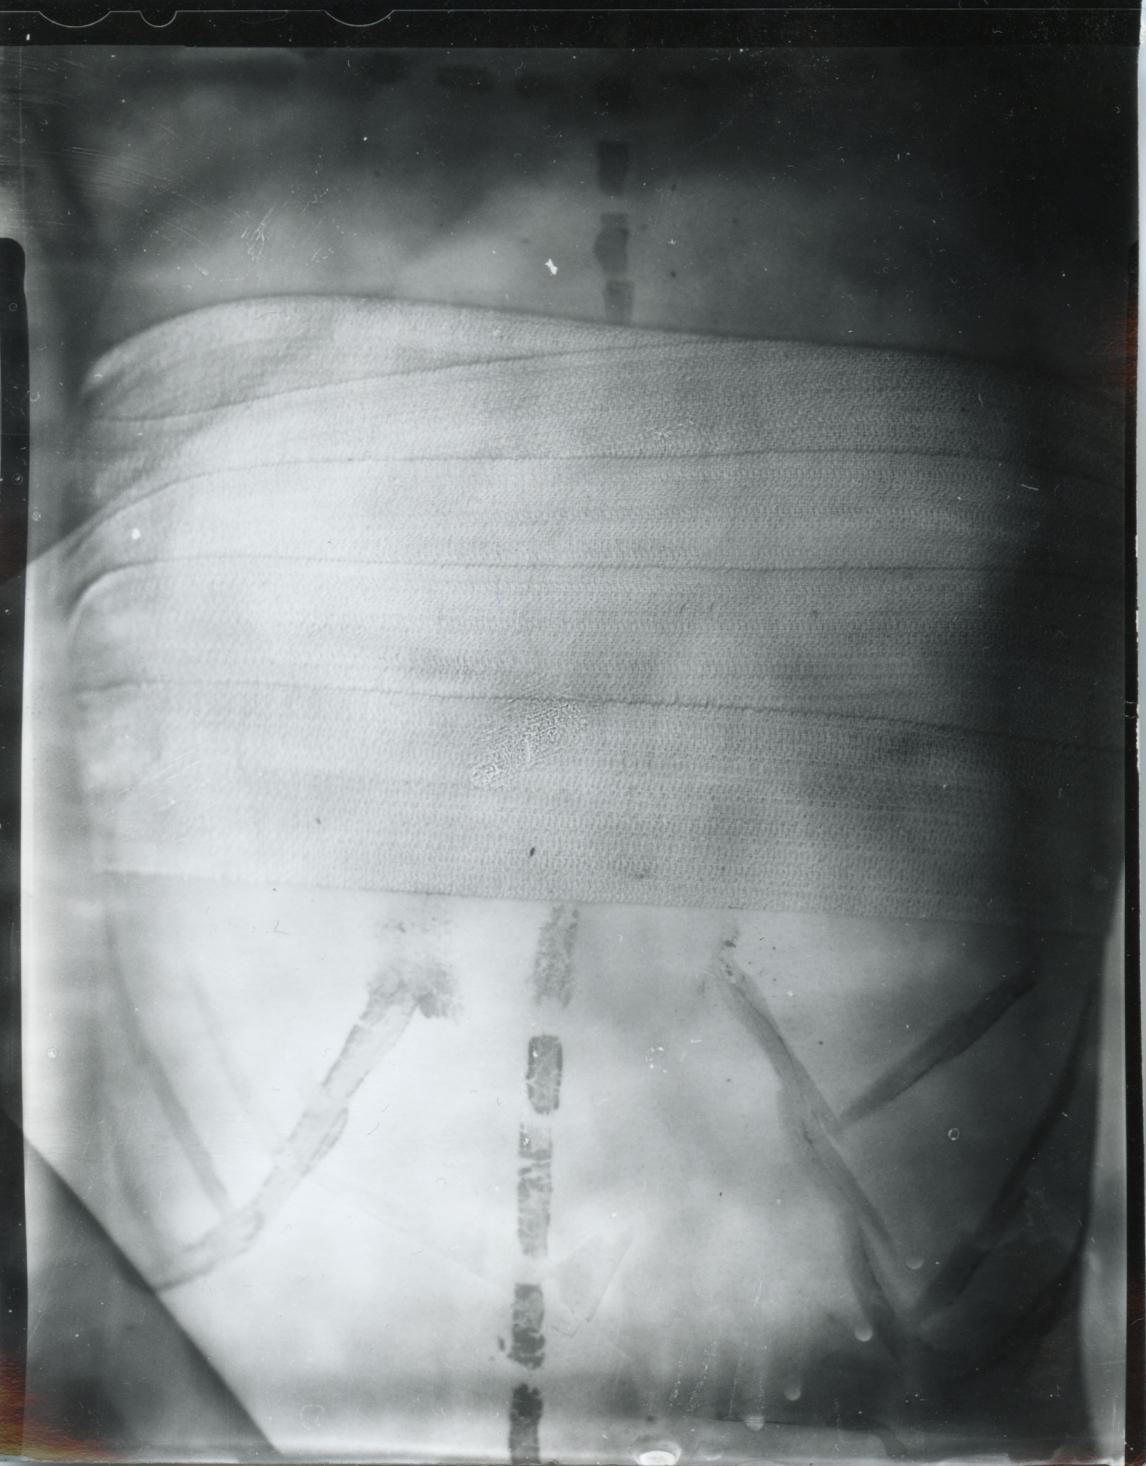 upper chest.jpg